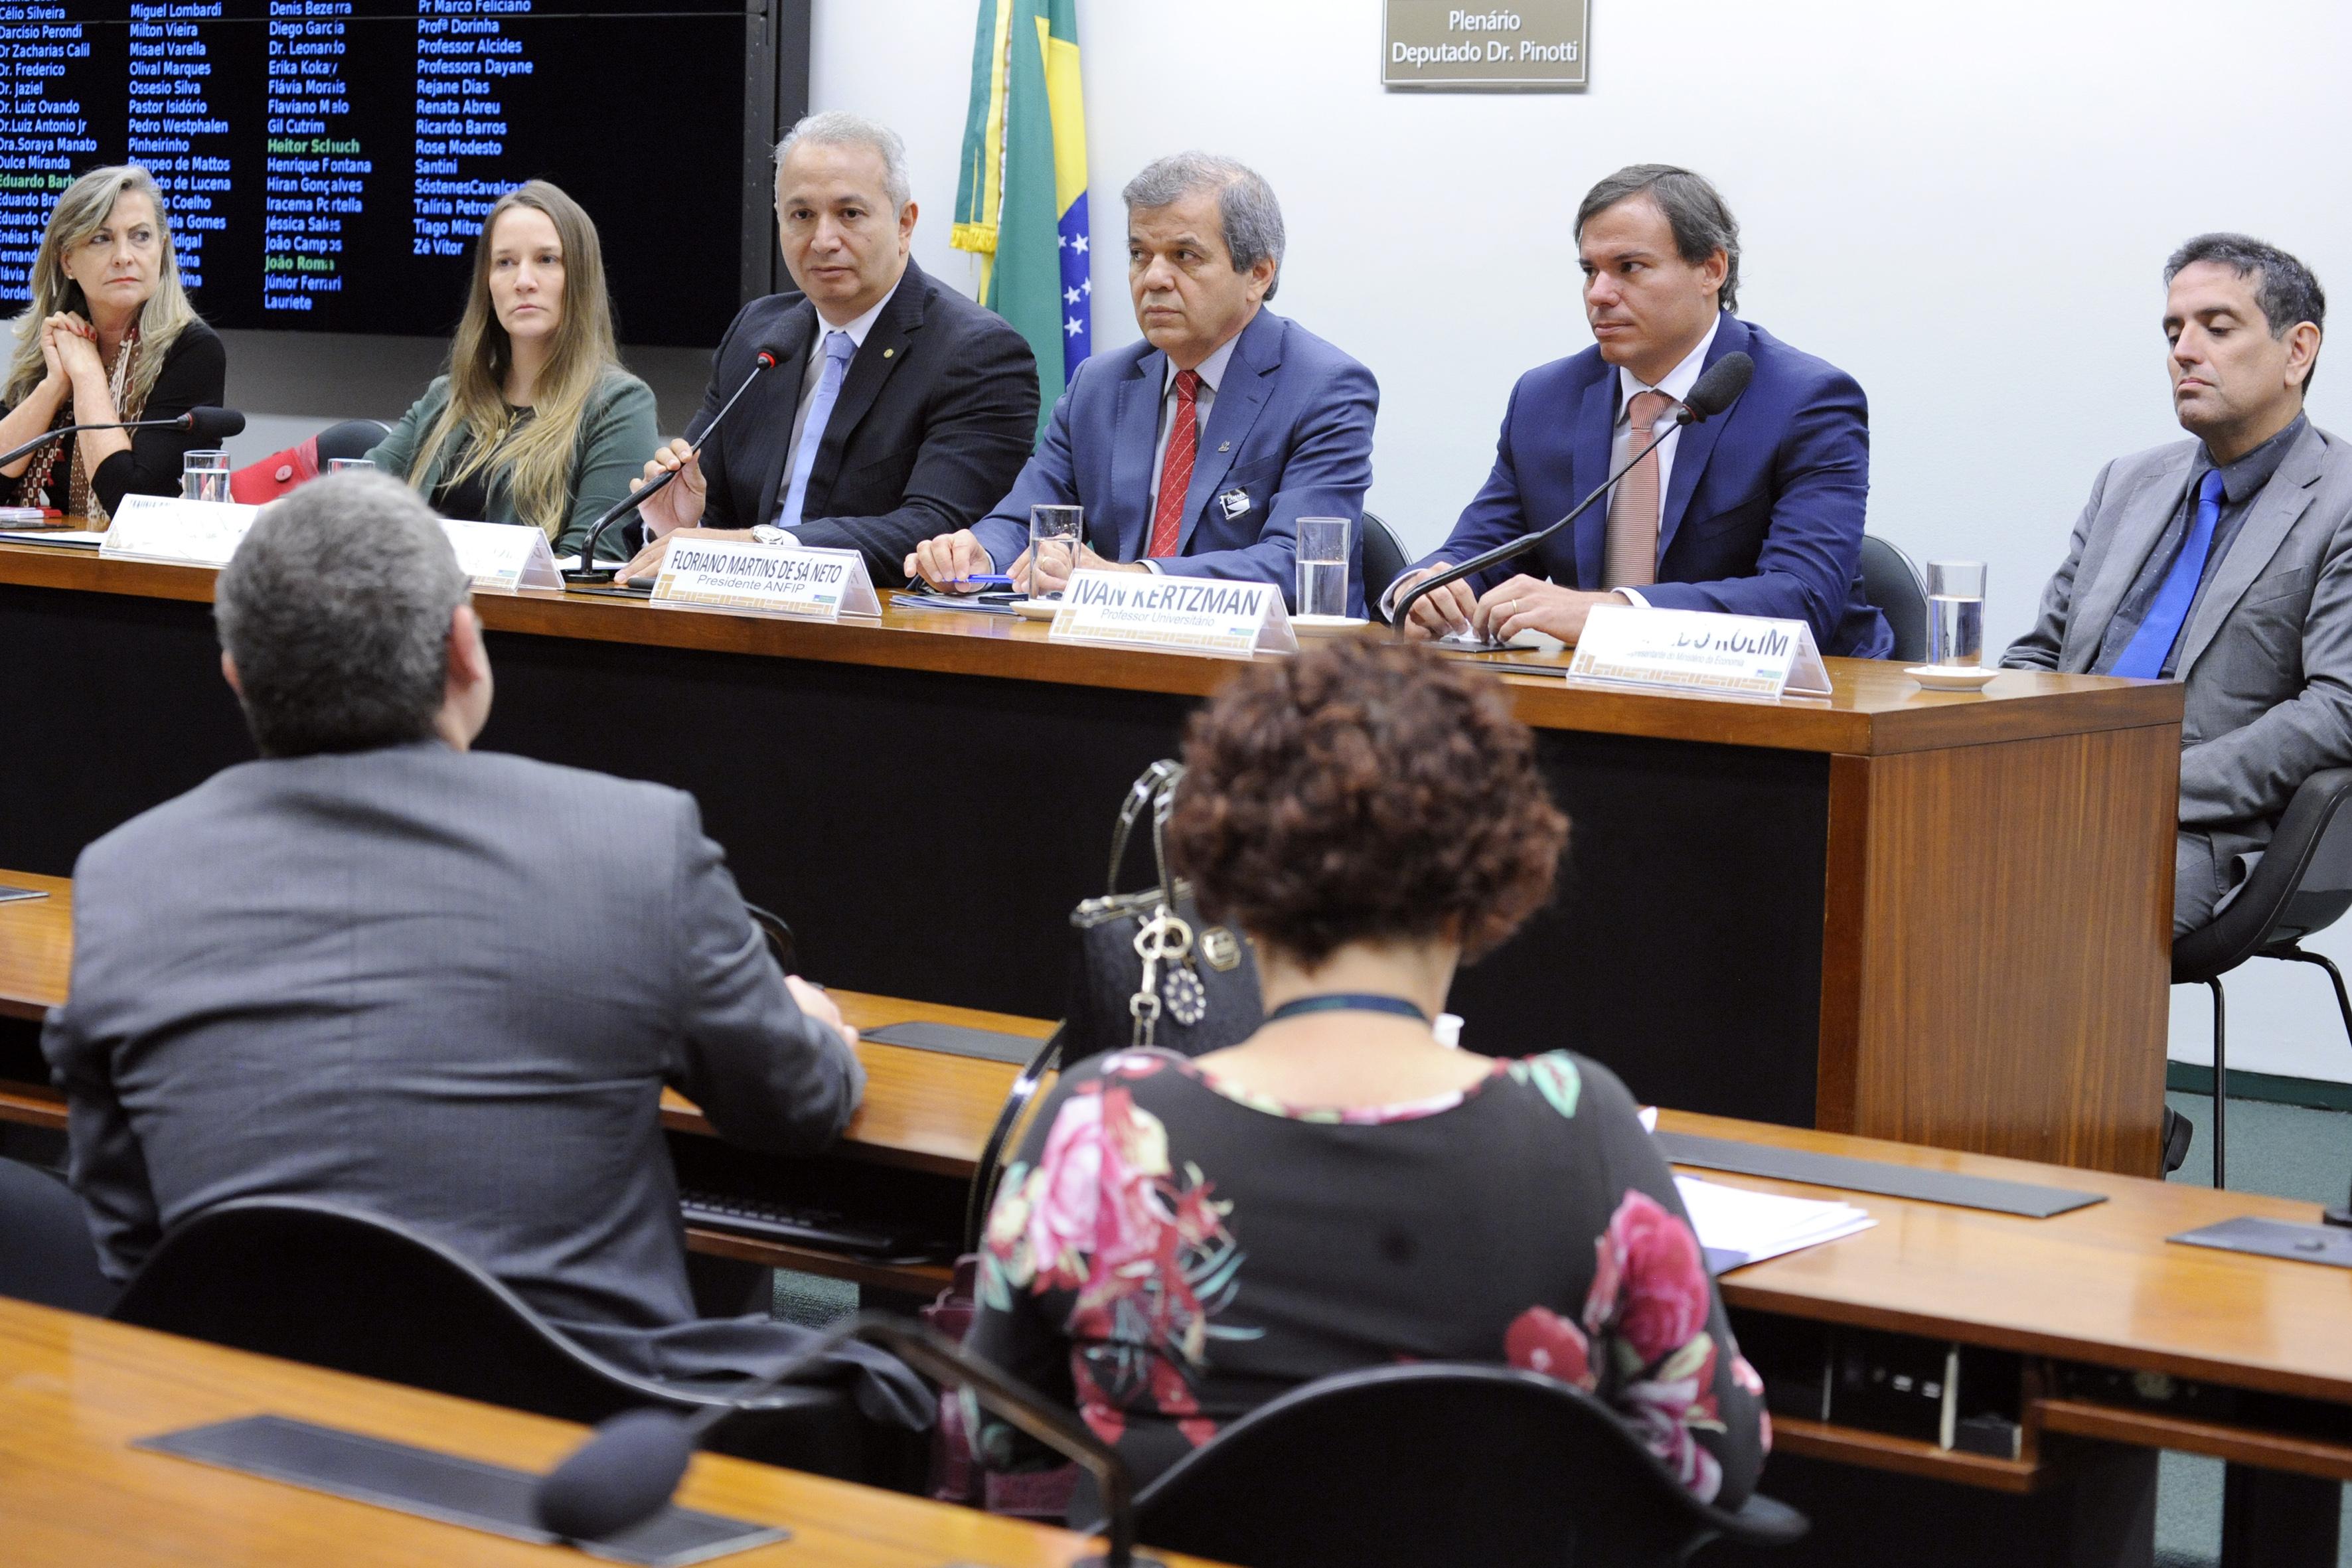 Audiência pública para debater a Reforma da Previdência - PEC 006/2019